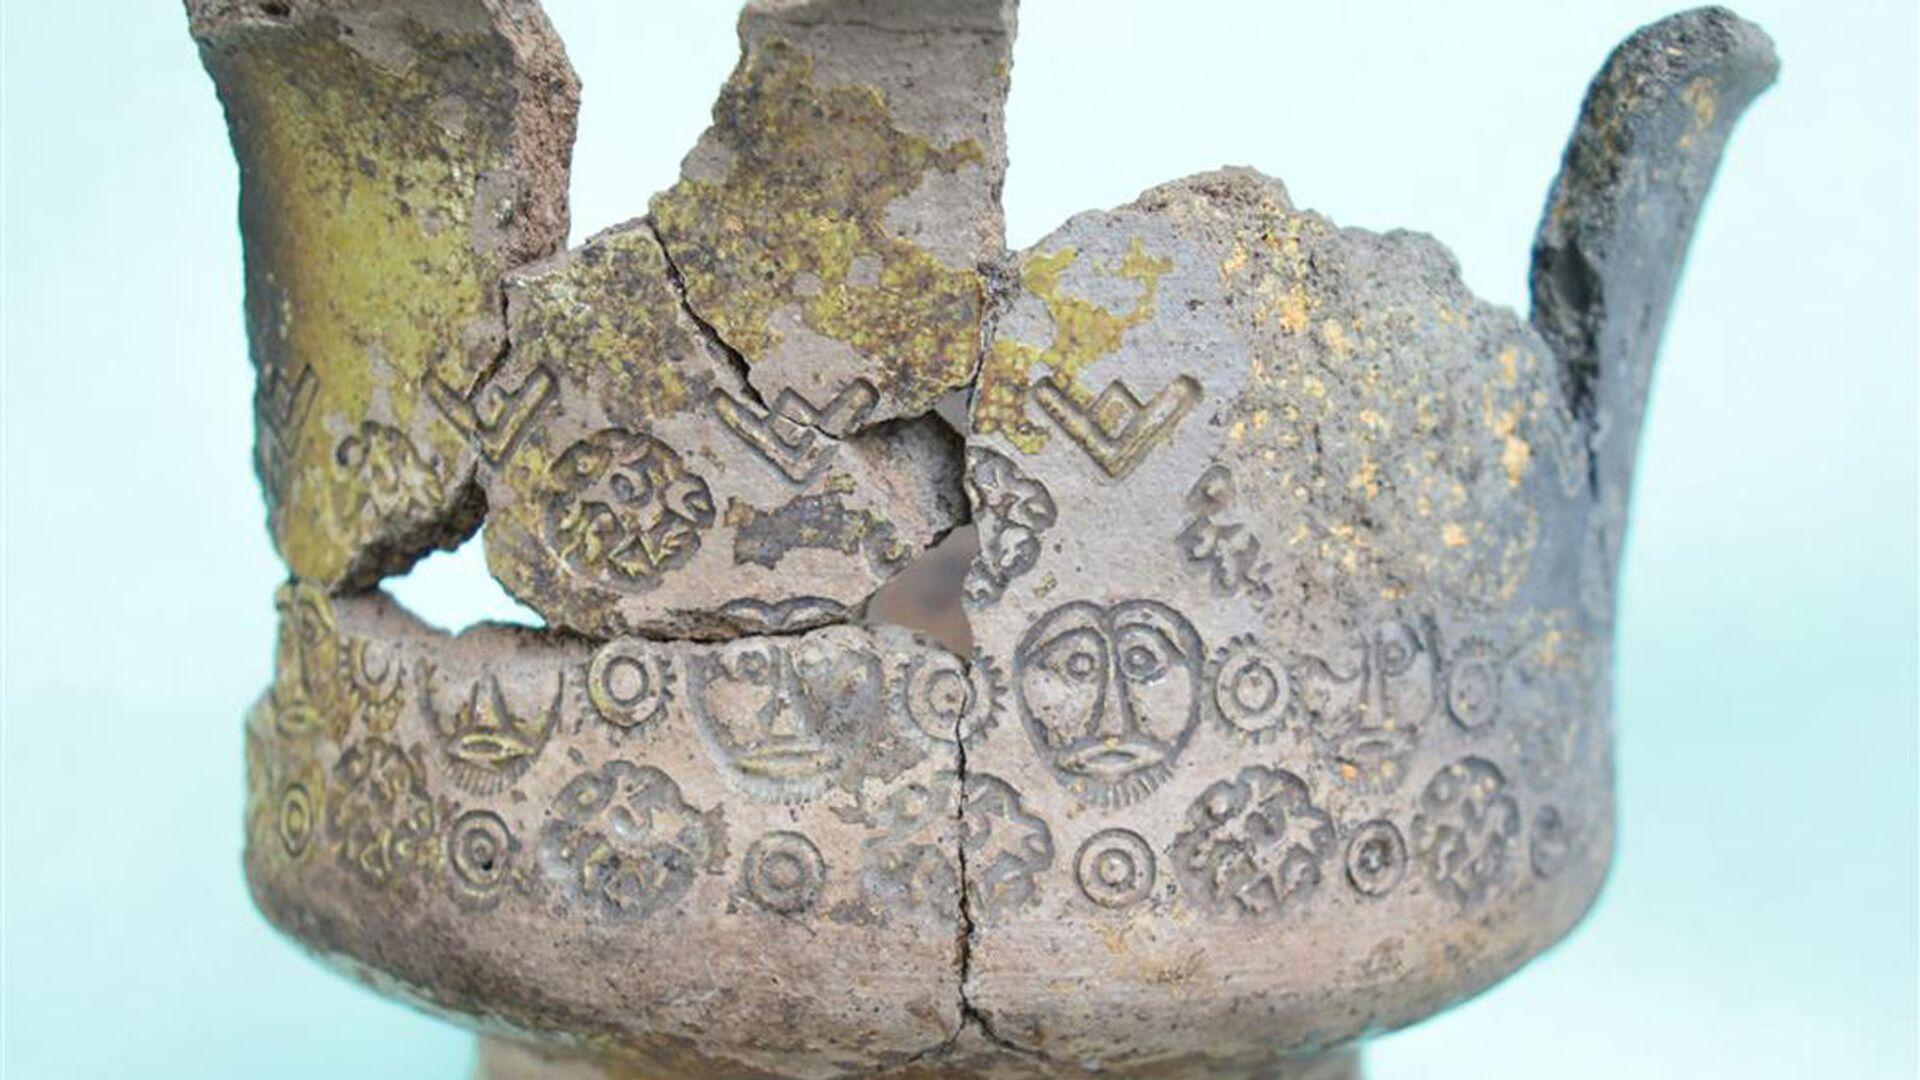 Tazón antiguo encontrado durante excavaciones en el Kremlin de Moscú - Sputnik Mundo, 1920, 17.09.2021